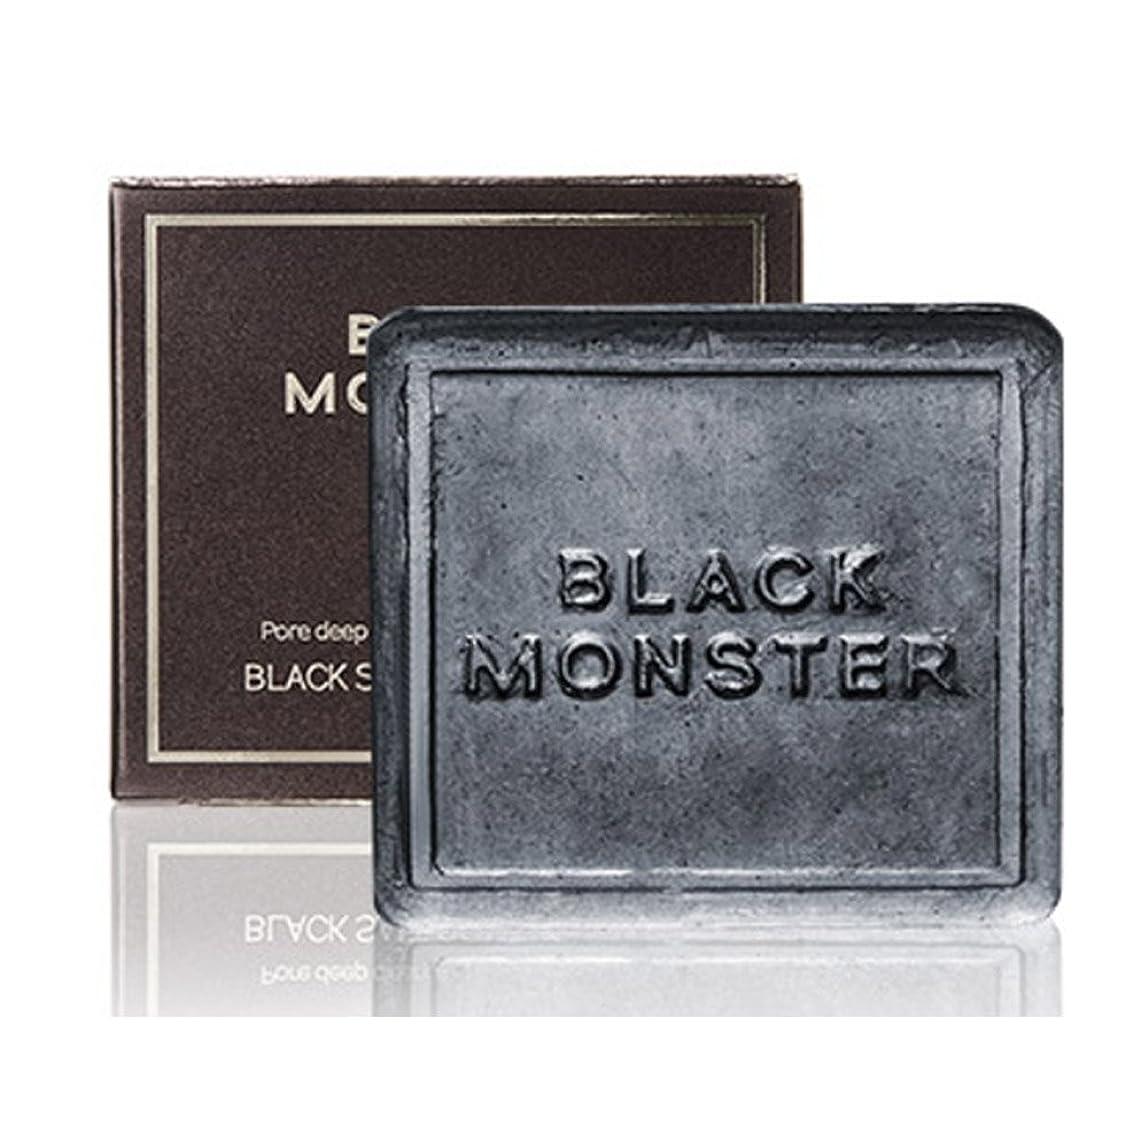 静めるもちろん類人猿[ブレンクTV] blanktv Black Monster ブラックソルトコントロールバー 120g 海外直送品 black salt control bar [並行輸入品]